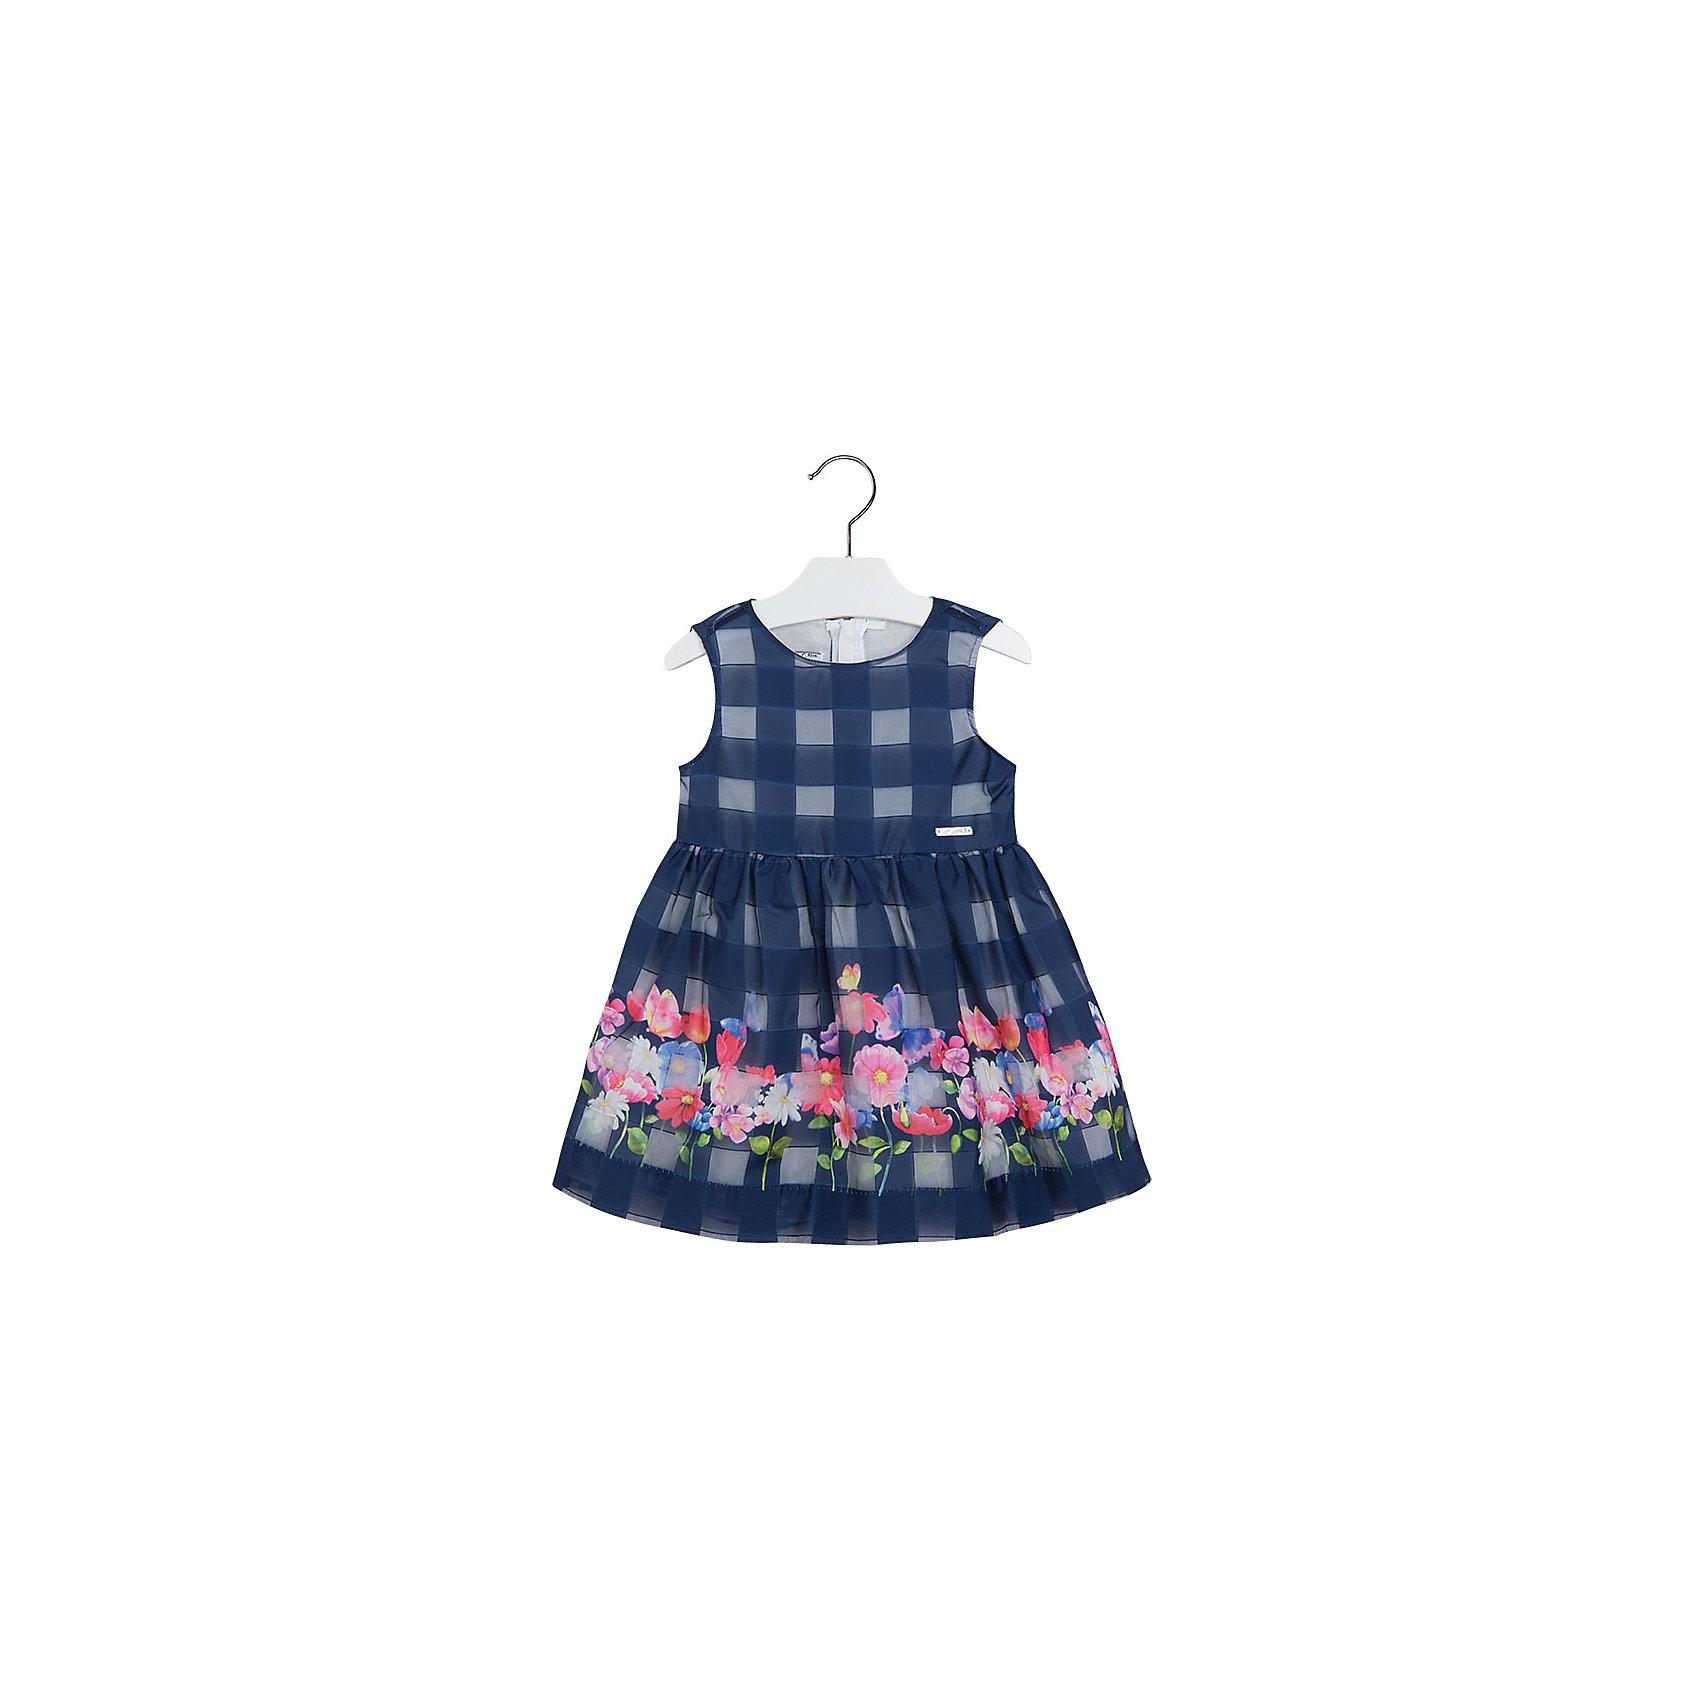 Платье для девочки MayoralЛетние платья и сарафаны<br>Платье для девочки от известной испанской марки Mayoral подойдет как для торжественного мероприятия, так и для повседневной носки. Ни одна юная модница не устоит перед таким нарядом! <br><br>Дополнительная информация:<br><br>- Оригинальная и стильная модель.<br>- Цвет: синий.<br>- Актуальный клетчатый принт.<br>- Без рукава.<br>- Пышная юбка.<br>- Яркий цветочный принт.  <br>- Застегивается на потайную молнию сзади.<br>- Состав:  верх - 100 % полиэстер; подкладка - 100% хлопок.<br><br>Платье для девочки Mayoral (Майорал) можно купить в нашем магазине.<br><br>Ширина мм: 236<br>Глубина мм: 16<br>Высота мм: 184<br>Вес г: 177<br>Цвет: синий<br>Возраст от месяцев: 72<br>Возраст до месяцев: 84<br>Пол: Женский<br>Возраст: Детский<br>Размер: 122,134,116,110,98,92,104,128<br>SKU: 4543128